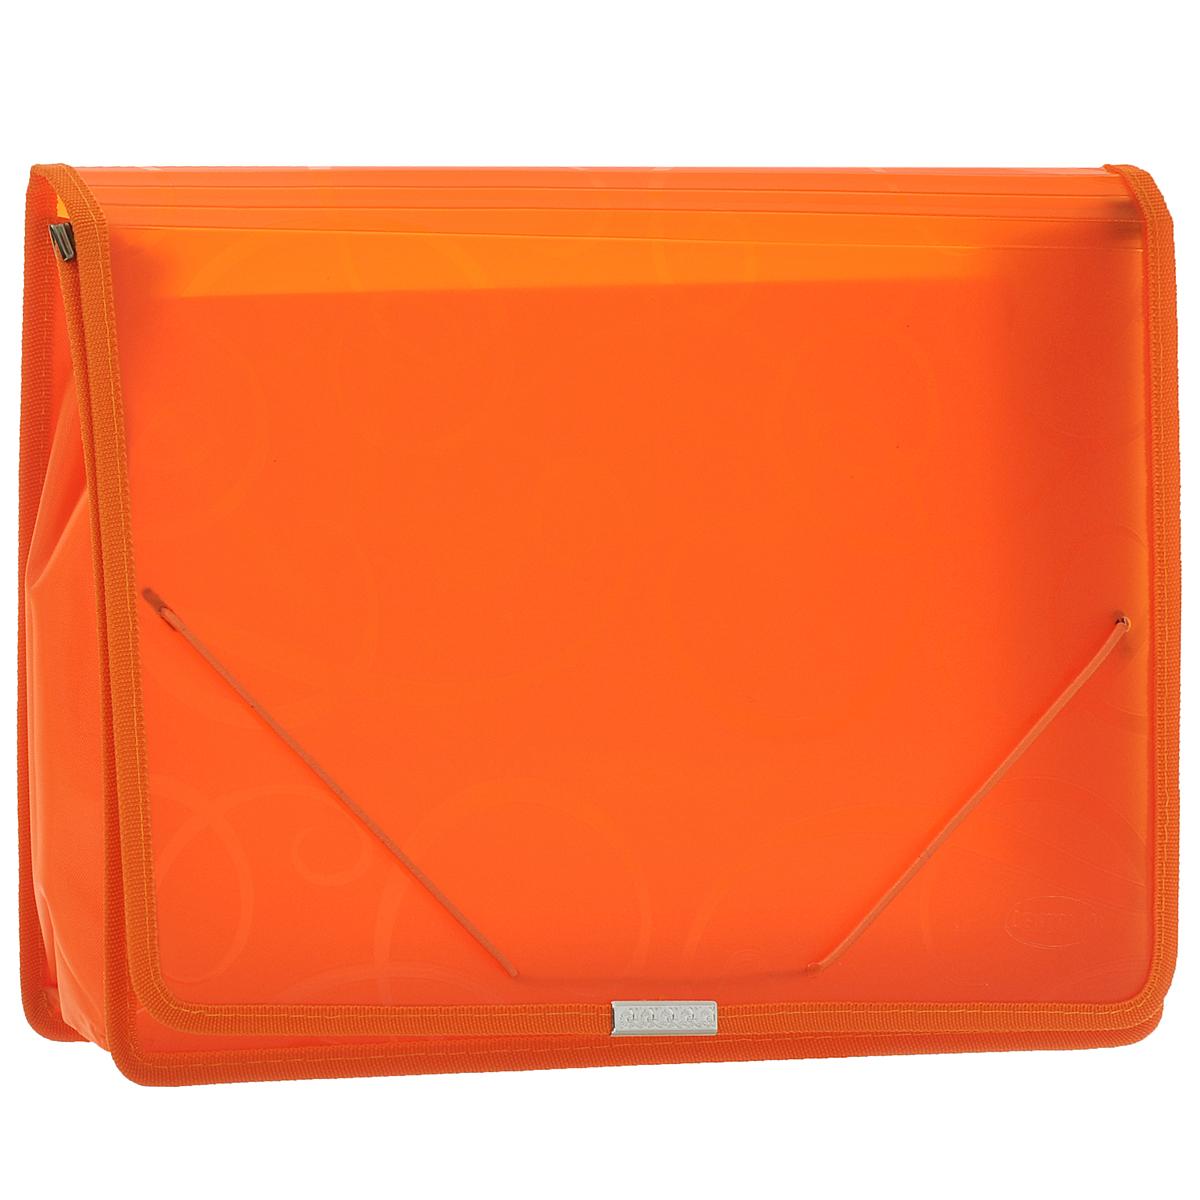 Папка-конверт на резинке Centrum, цвет: оранжевый. Формат А4. 8080280802ОПапка-конверт на резинке Centrum - это удобный и функциональный офисный инструмент, предназначенный для хранения итранспортировки рабочих бумаг и документов формата А4.Папка с двойной угловой фиксацией резиновой лентой изготовлена из износостойкого полупрозрачного полипропилена. Внутри папка имеет одно объемное отделение повышенной вместимости и 2 прозрачных открытых кармашка. Грани папки отделаны полиэстером, что обеспечивает дополнительную прочность и опрятный вид папки. Клапан украшен декоративным металлическим элементом. Папка оформлена тиснением в виде абстрактного орнамента.Папка - это незаменимый атрибут для студента, школьника, офисного работника. Такая папка надежно сохранит ваши документы исбережет их от повреждений, пыли и влаги.